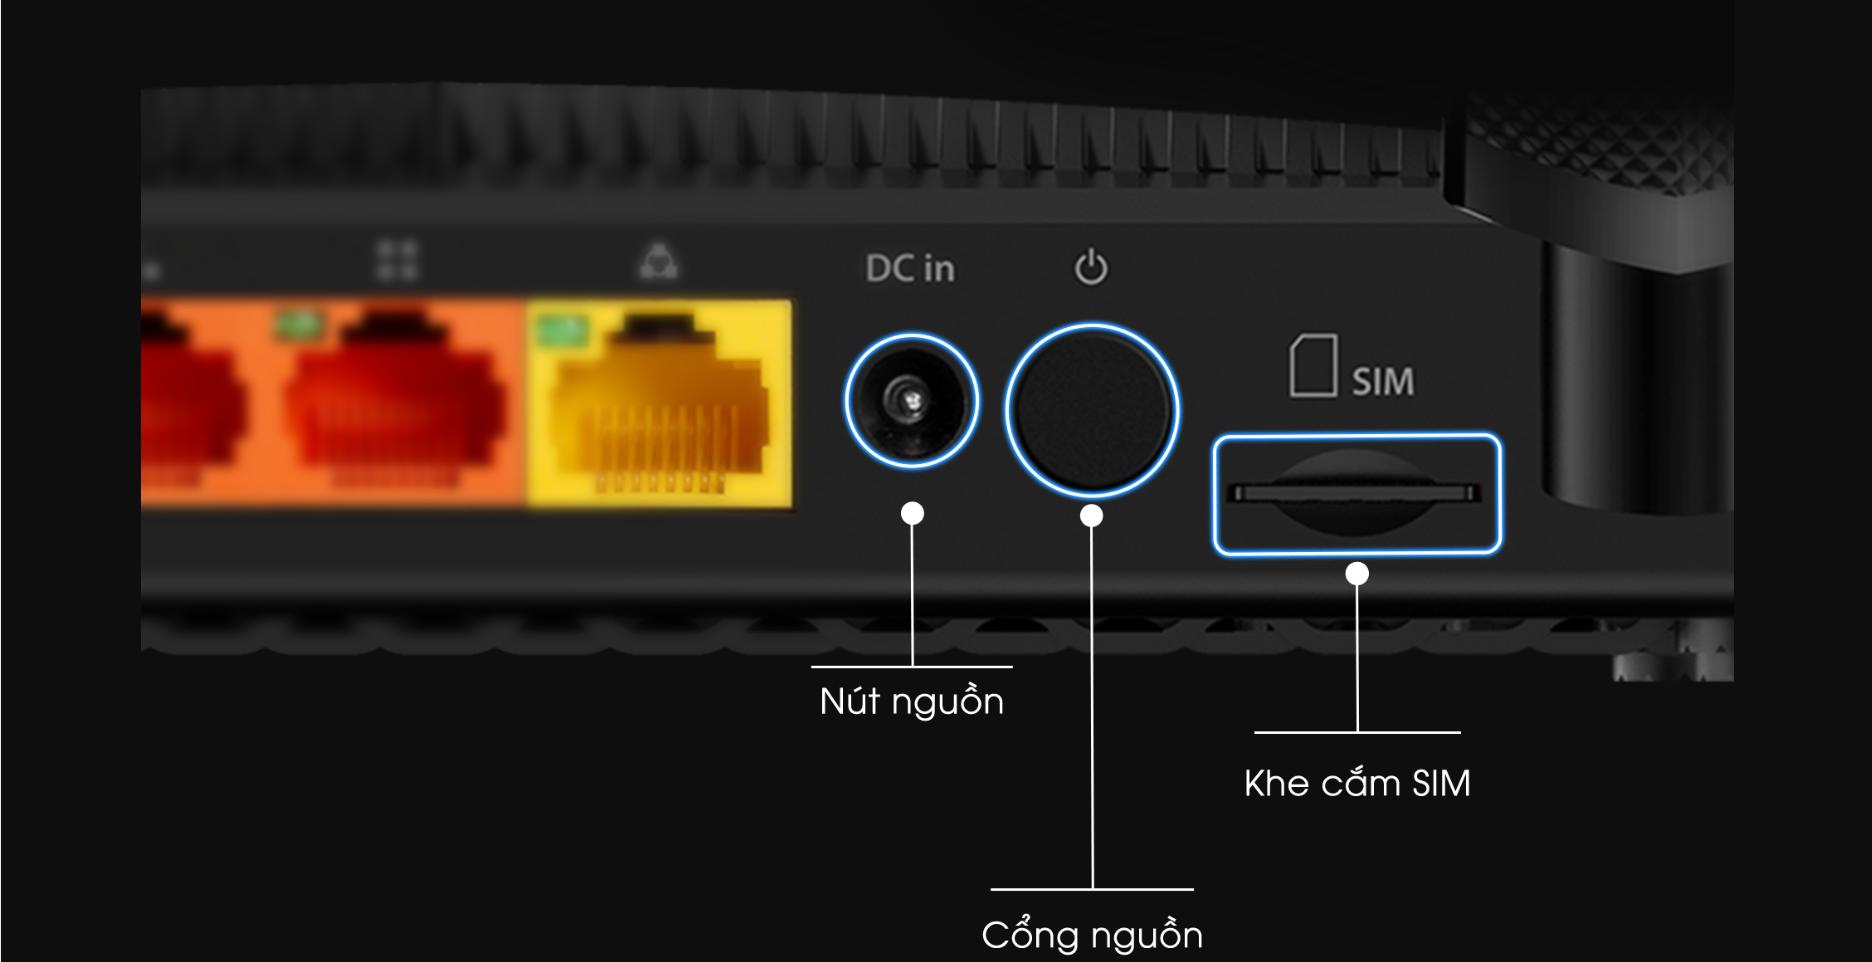 Router Bộ định tuyến 4G-LTE Totolink LR1200-cổng